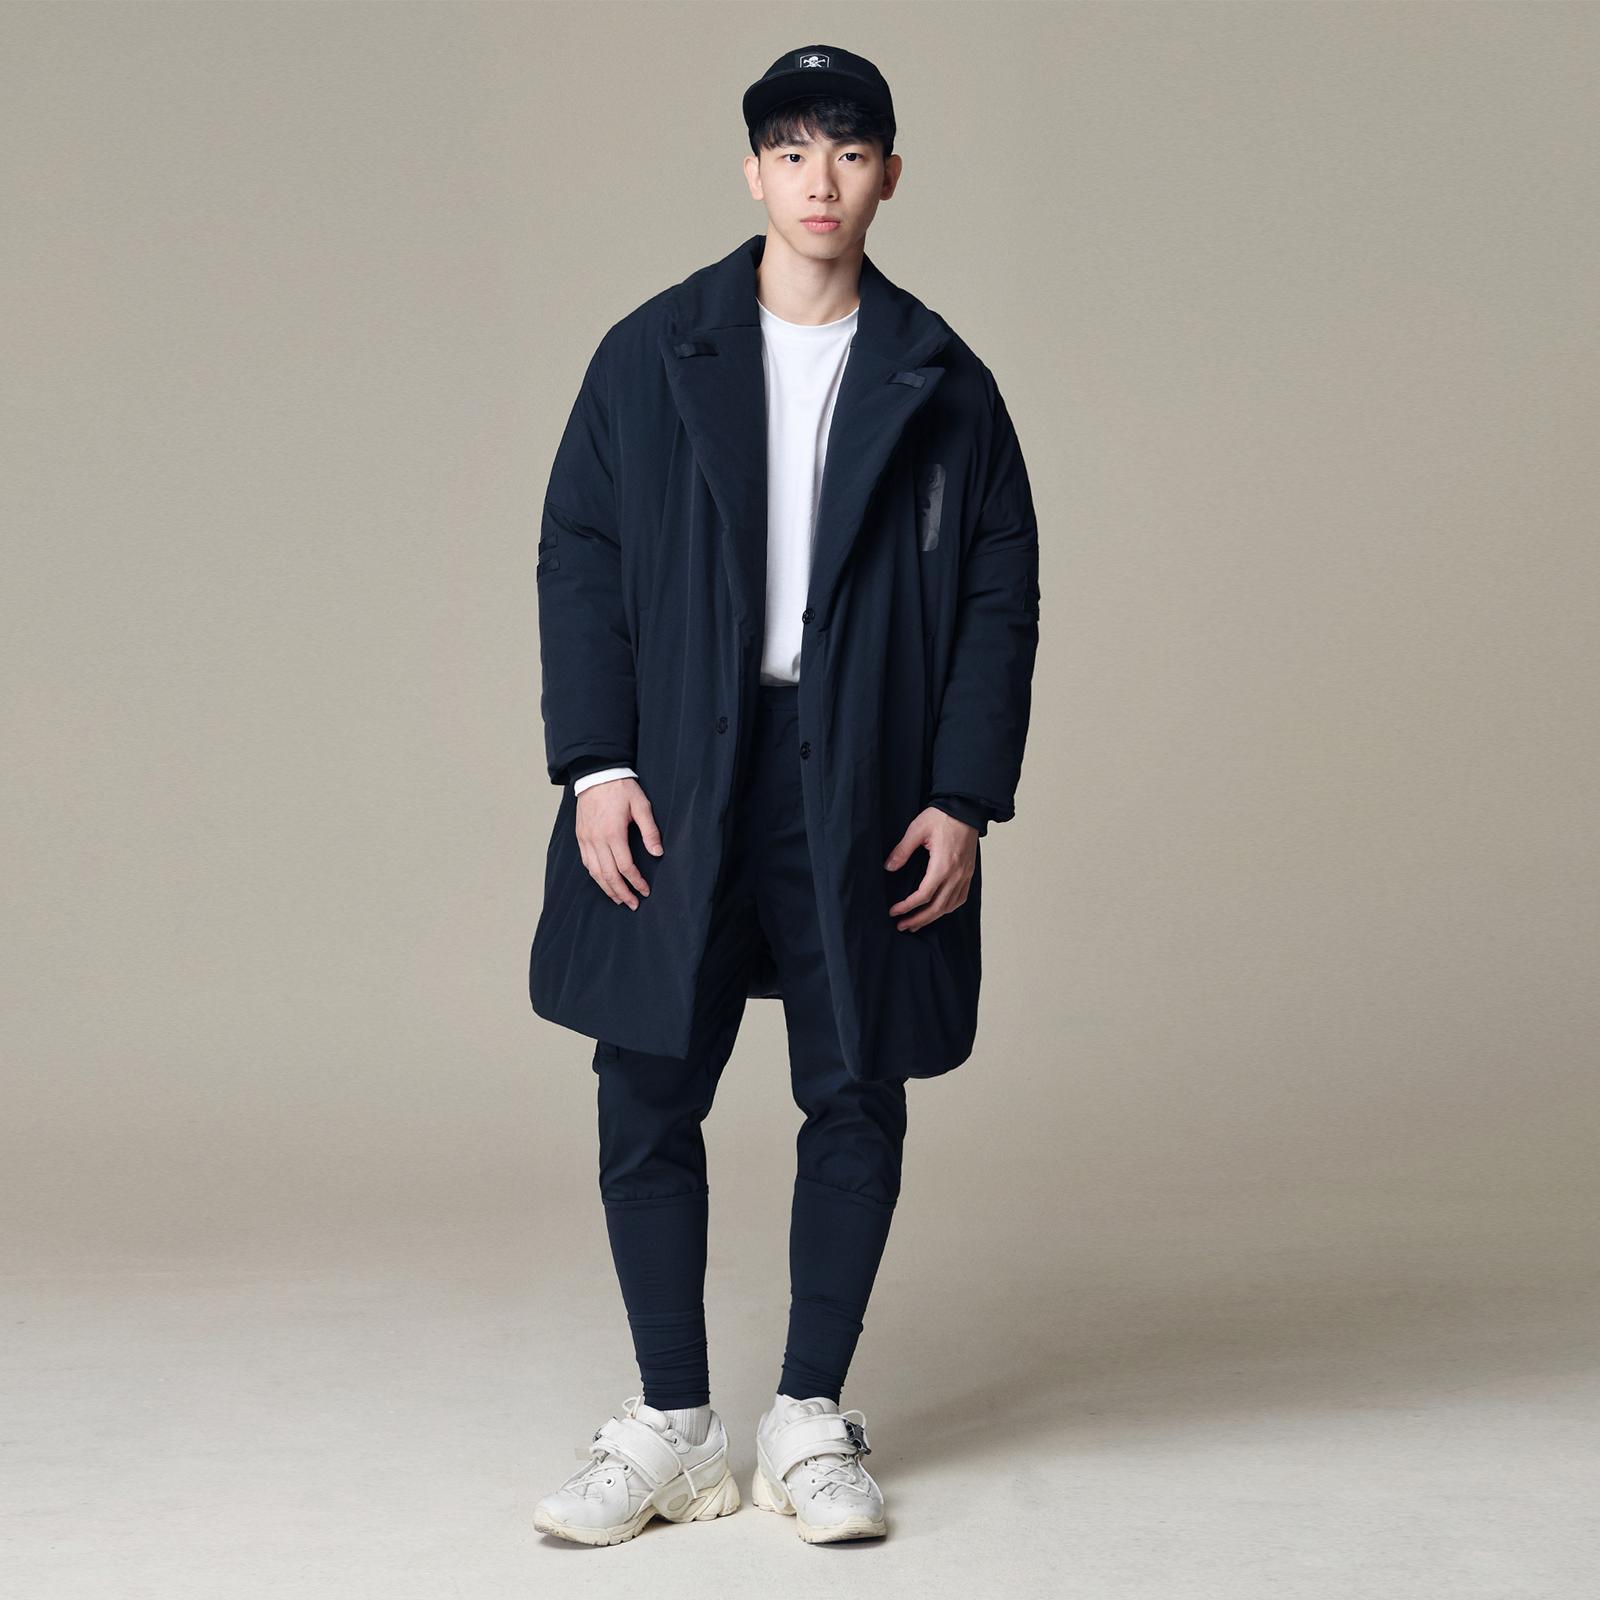 Áo khoác cotton dày quá khổ ngày 28 tháng 3 - Bông